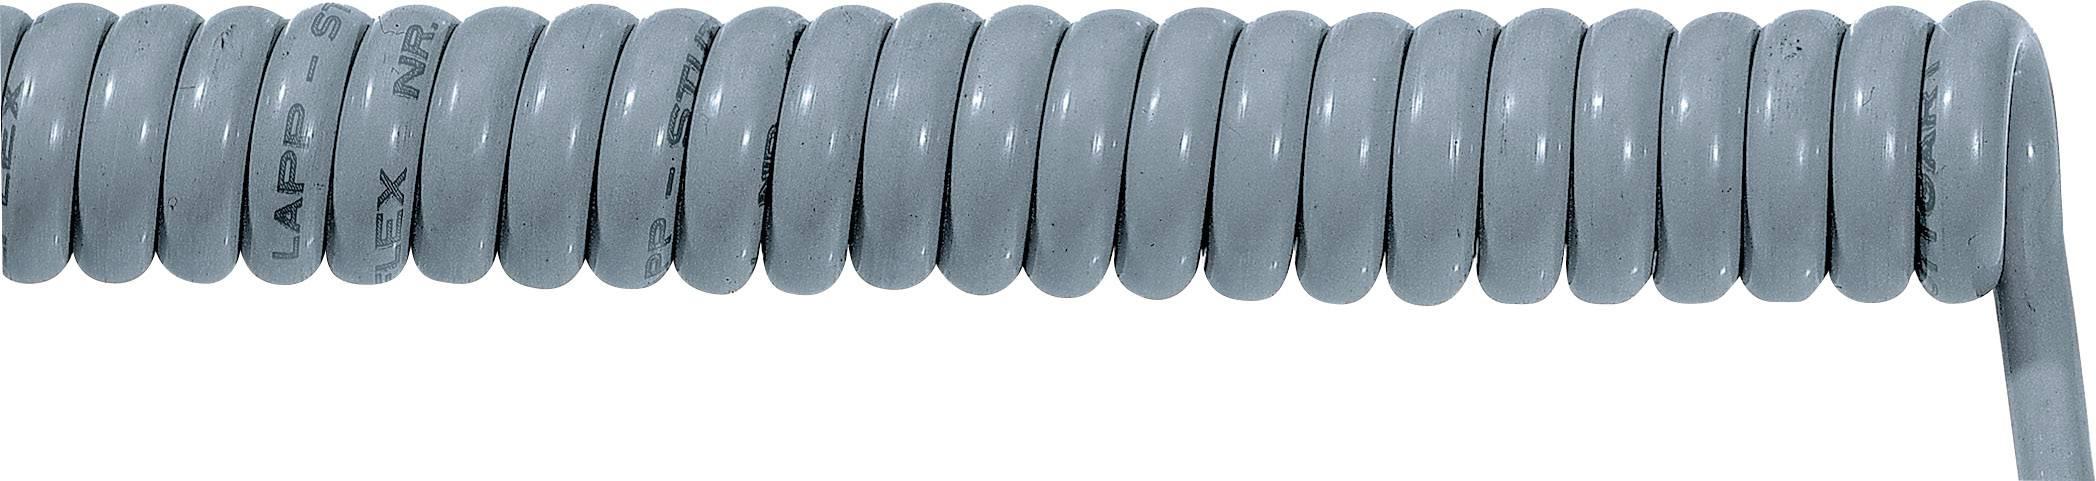 Špirálový kábel 70002656 ÖLFLEX® SPIRAL 400 P 4 x 1 mm², 500 mm / 1500 mm, sivá